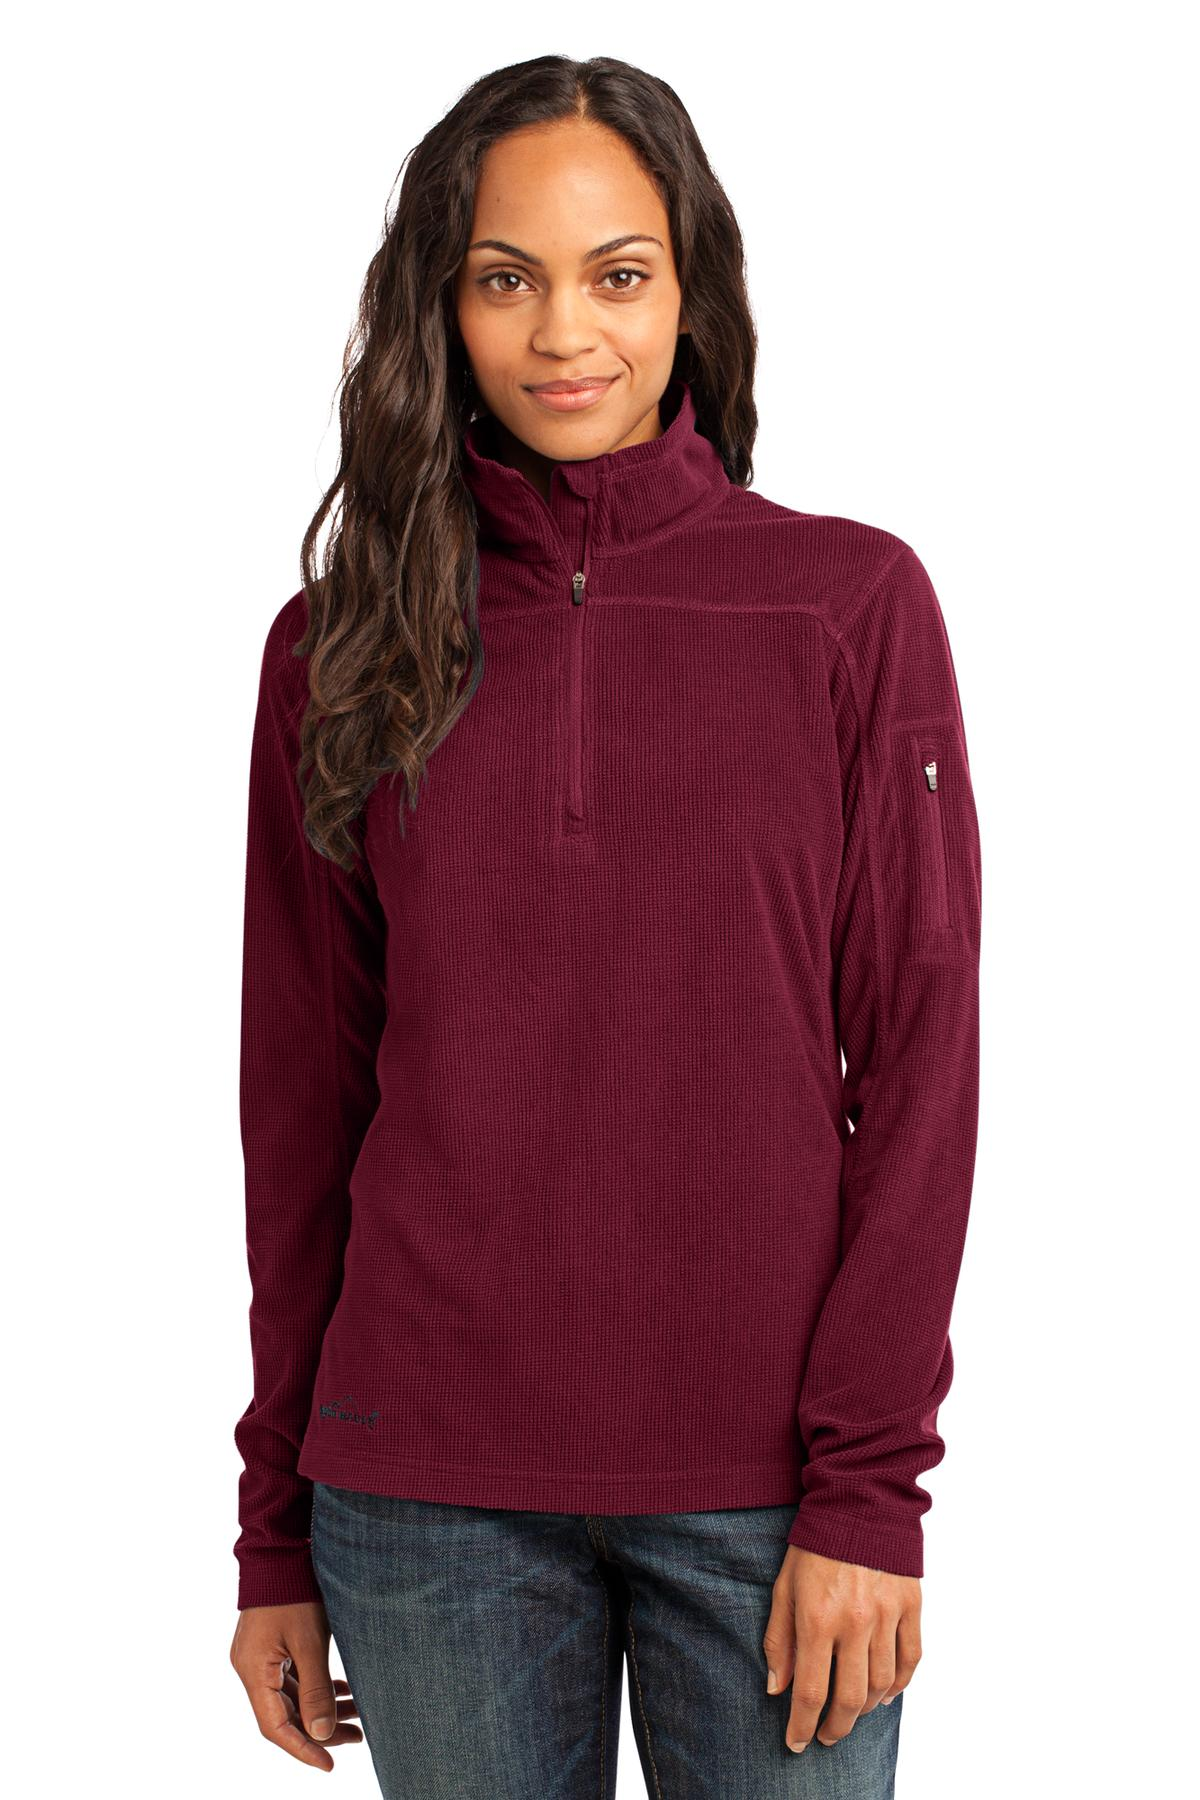 Outerwear-Polyester-Fleece-11